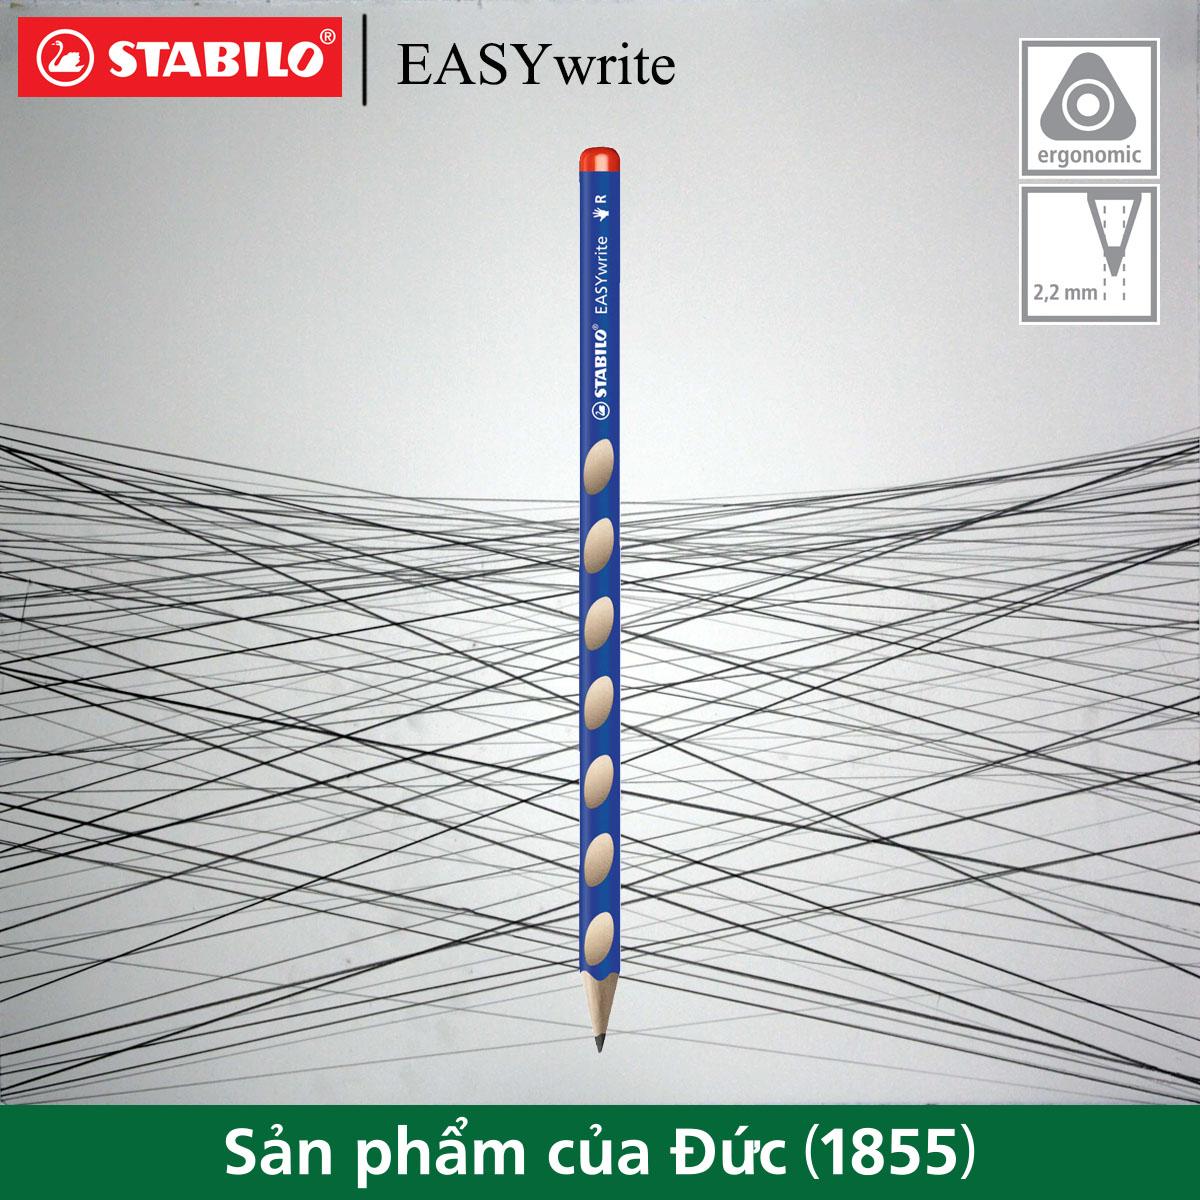 Bút chì gỗ hình thể học STABILO EASYgraph (tay phải) PCE324R-HB